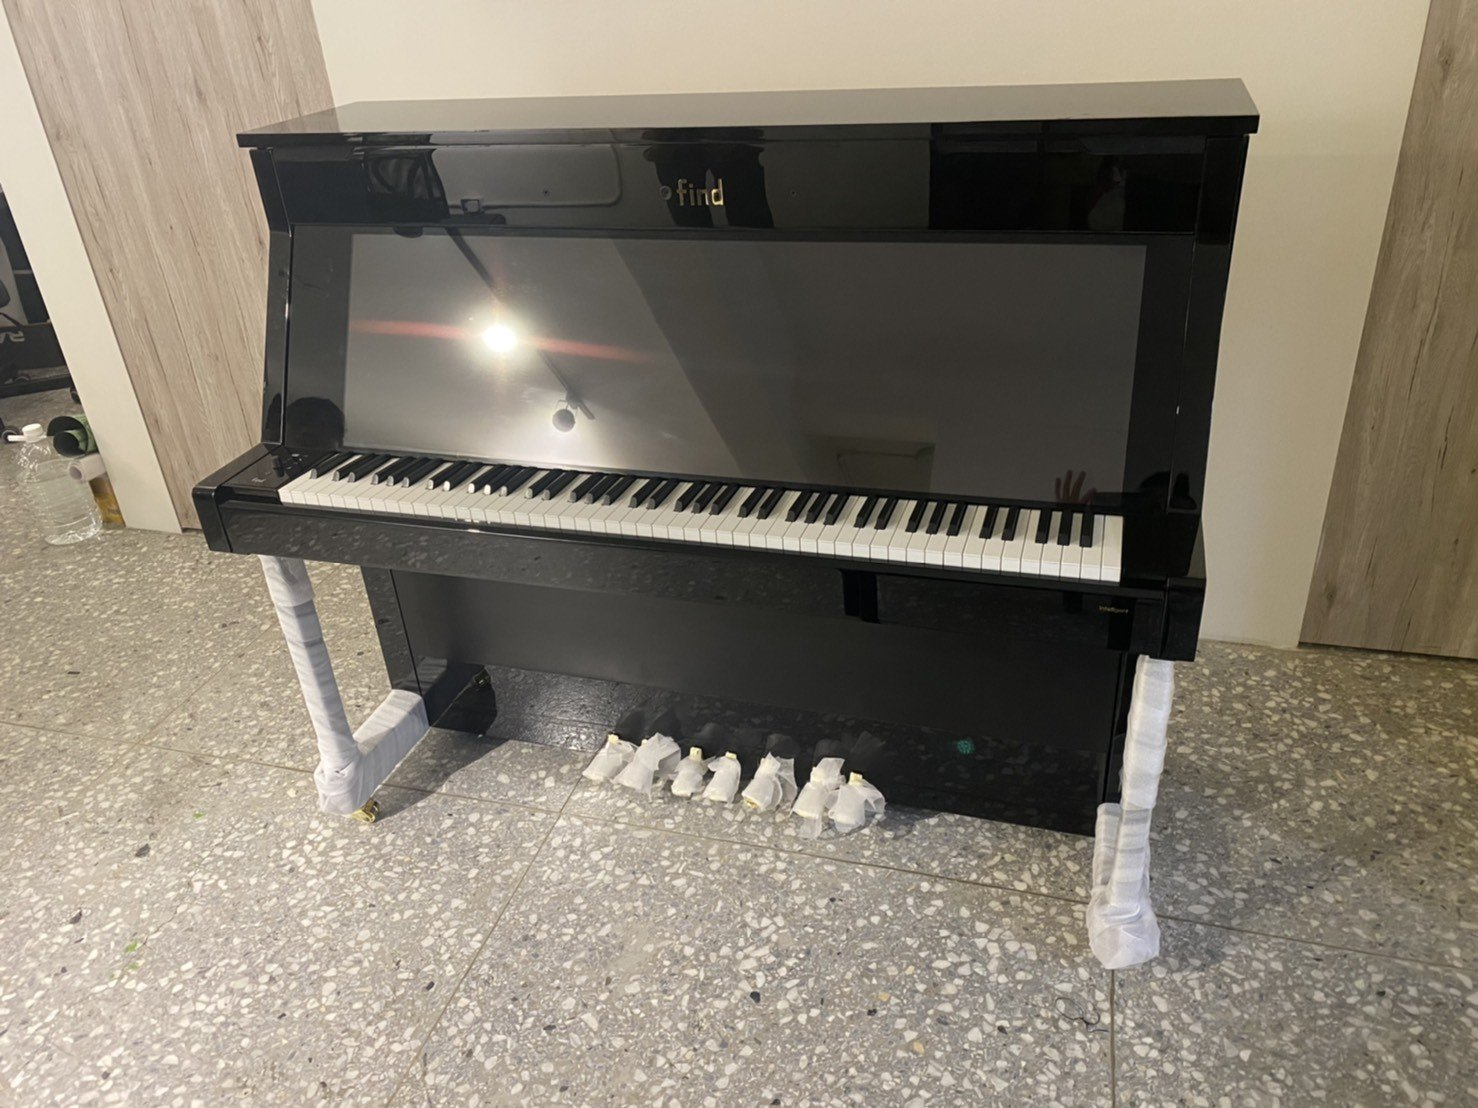 專搬鋼琴推薦【榮福搬家公司】跨縣搬家、搬家首選、搬家公司推薦:大台北搬家,精緻包裝搬運「細膩包裝、專業搬運、用心服務、以客為尊」是榮福搬家公司的宗旨與精神。歡迎立即來電02-2651-2727專人服務。各式各樣鋼琴搬運、智慧鋼琴、三角琴找專業的榮福搬家就對了。